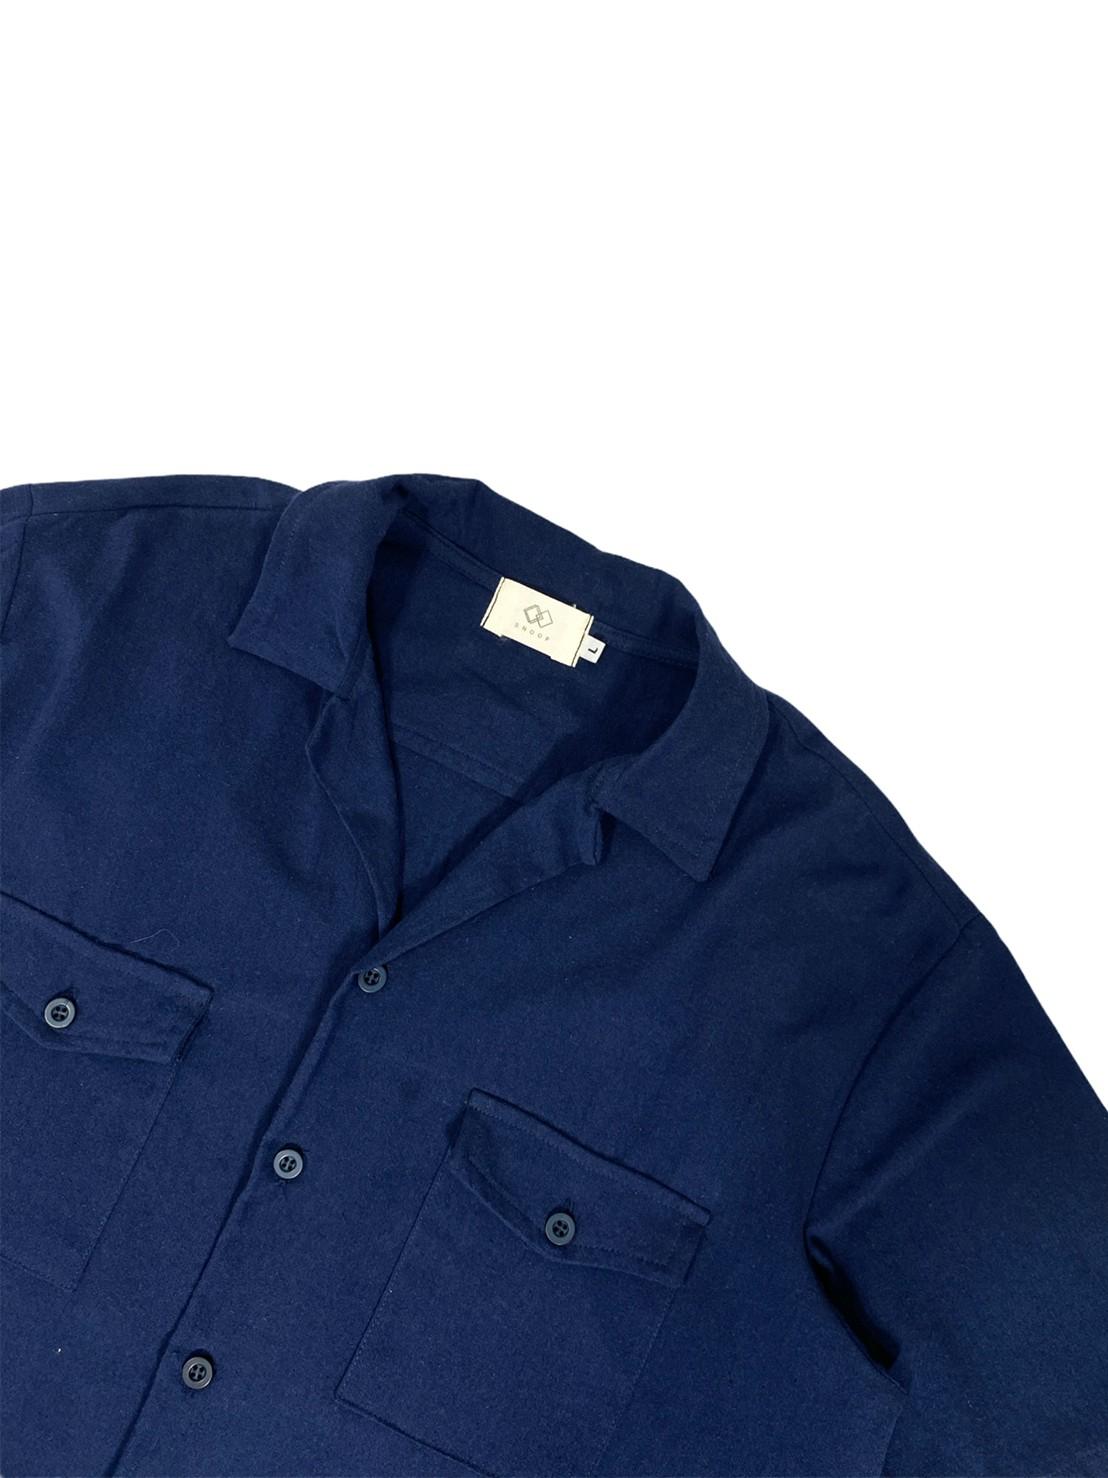 Open Collar 2pocket (Navy)